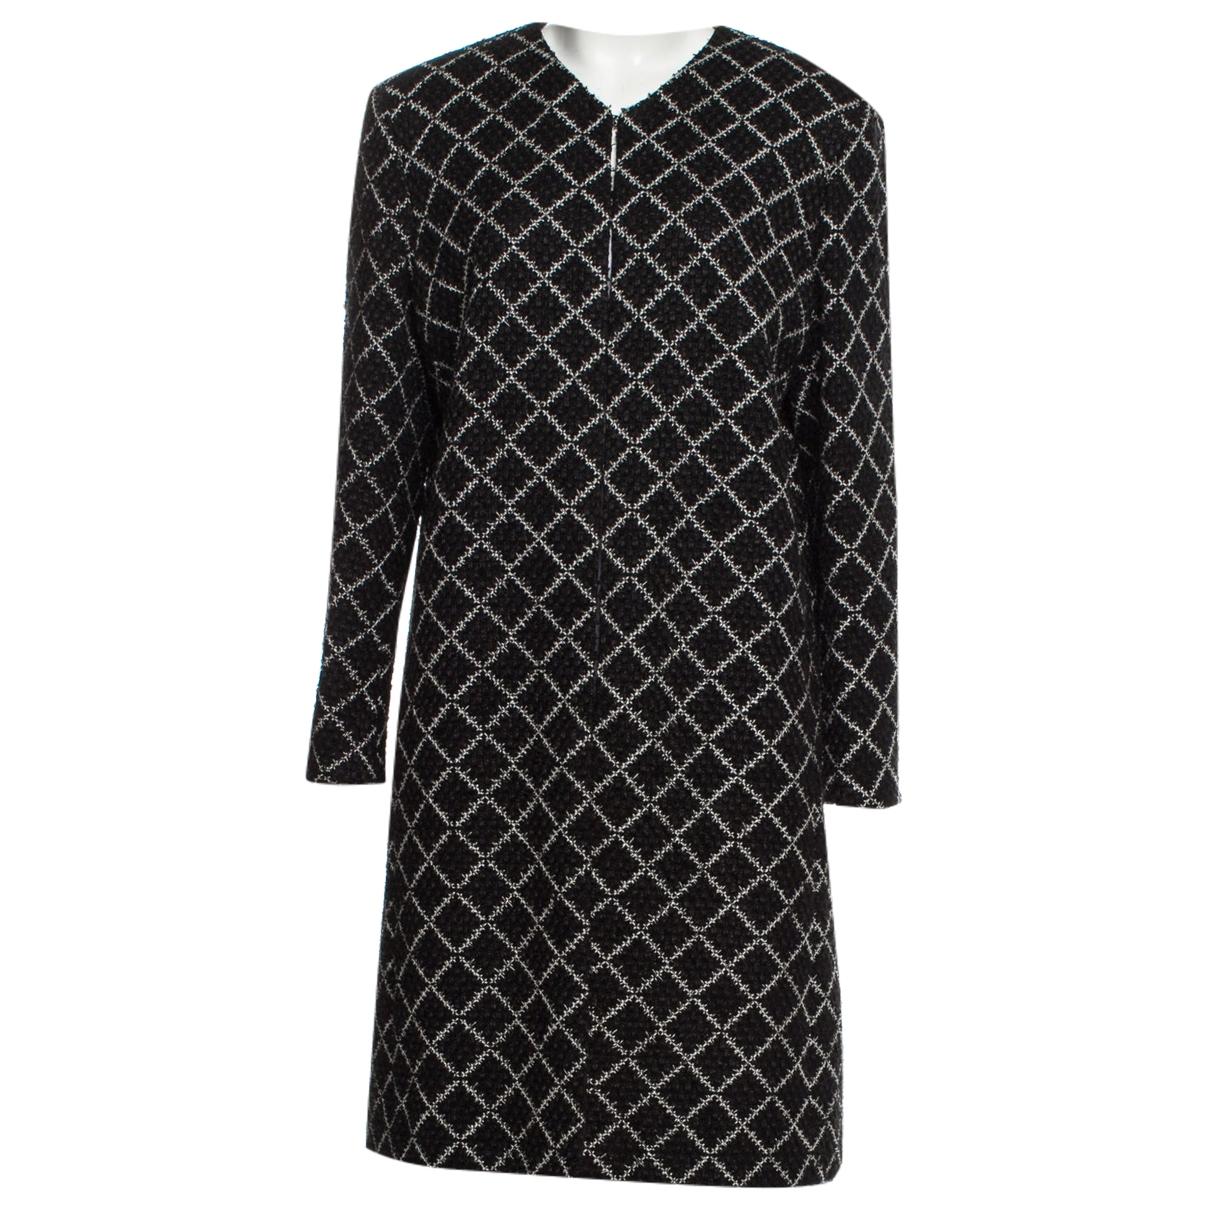 Chanel \N Black coat for Women 44 FR